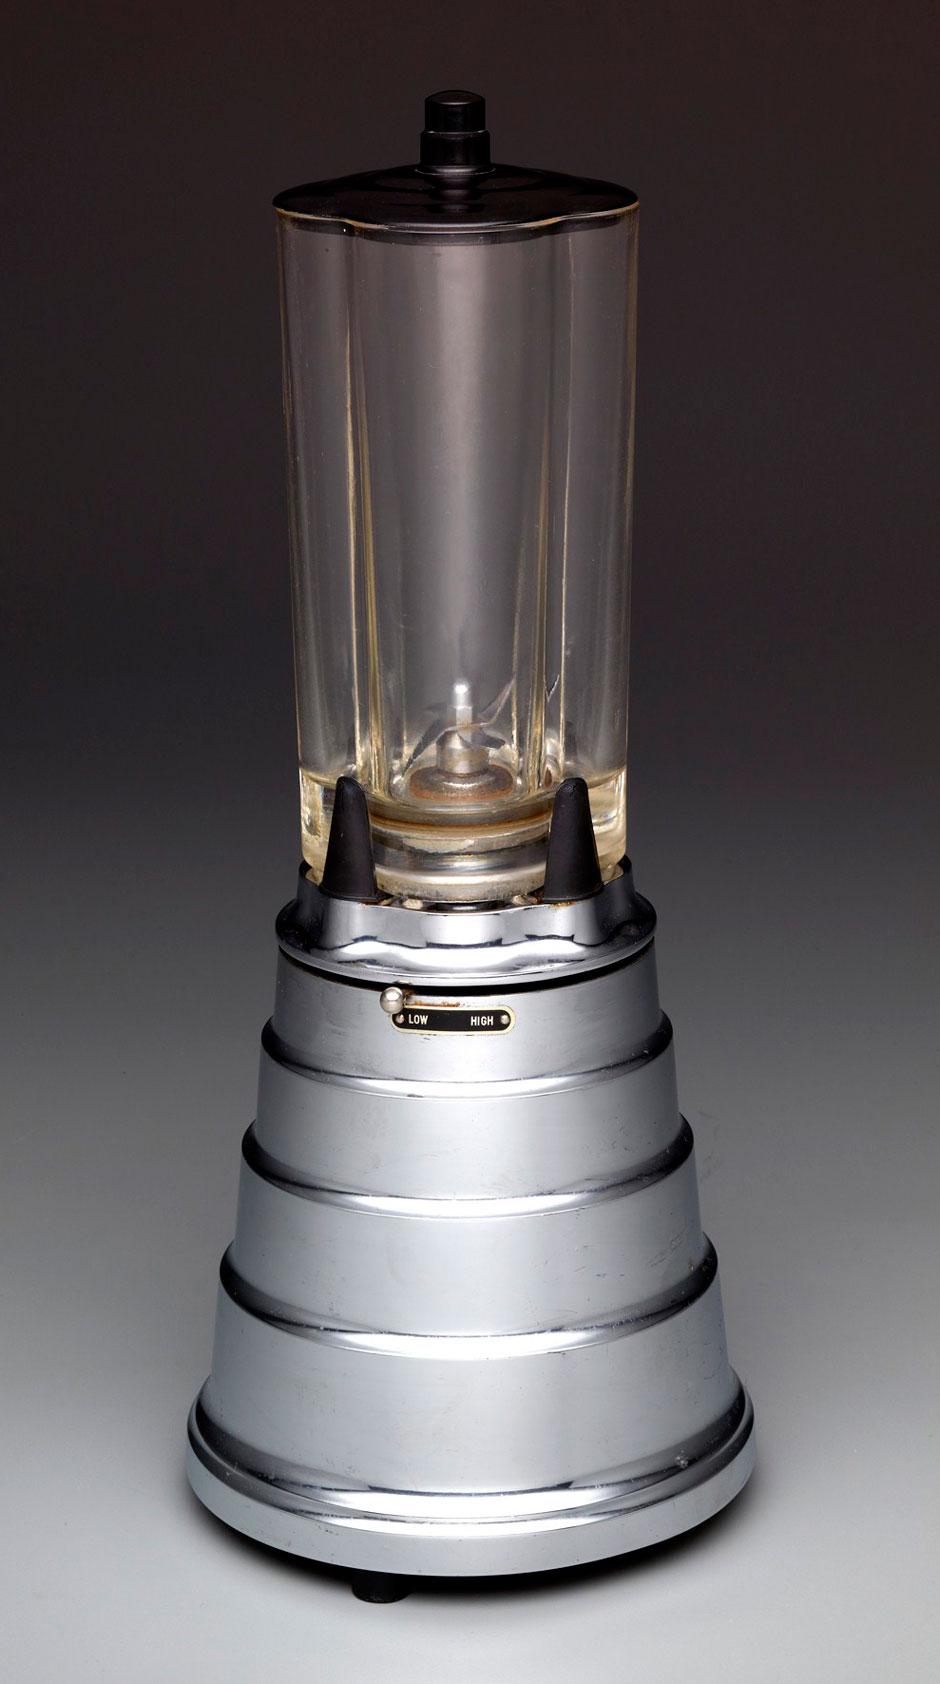 Waring Blendor, model B, designed by Peter Muller-Munk, 1937